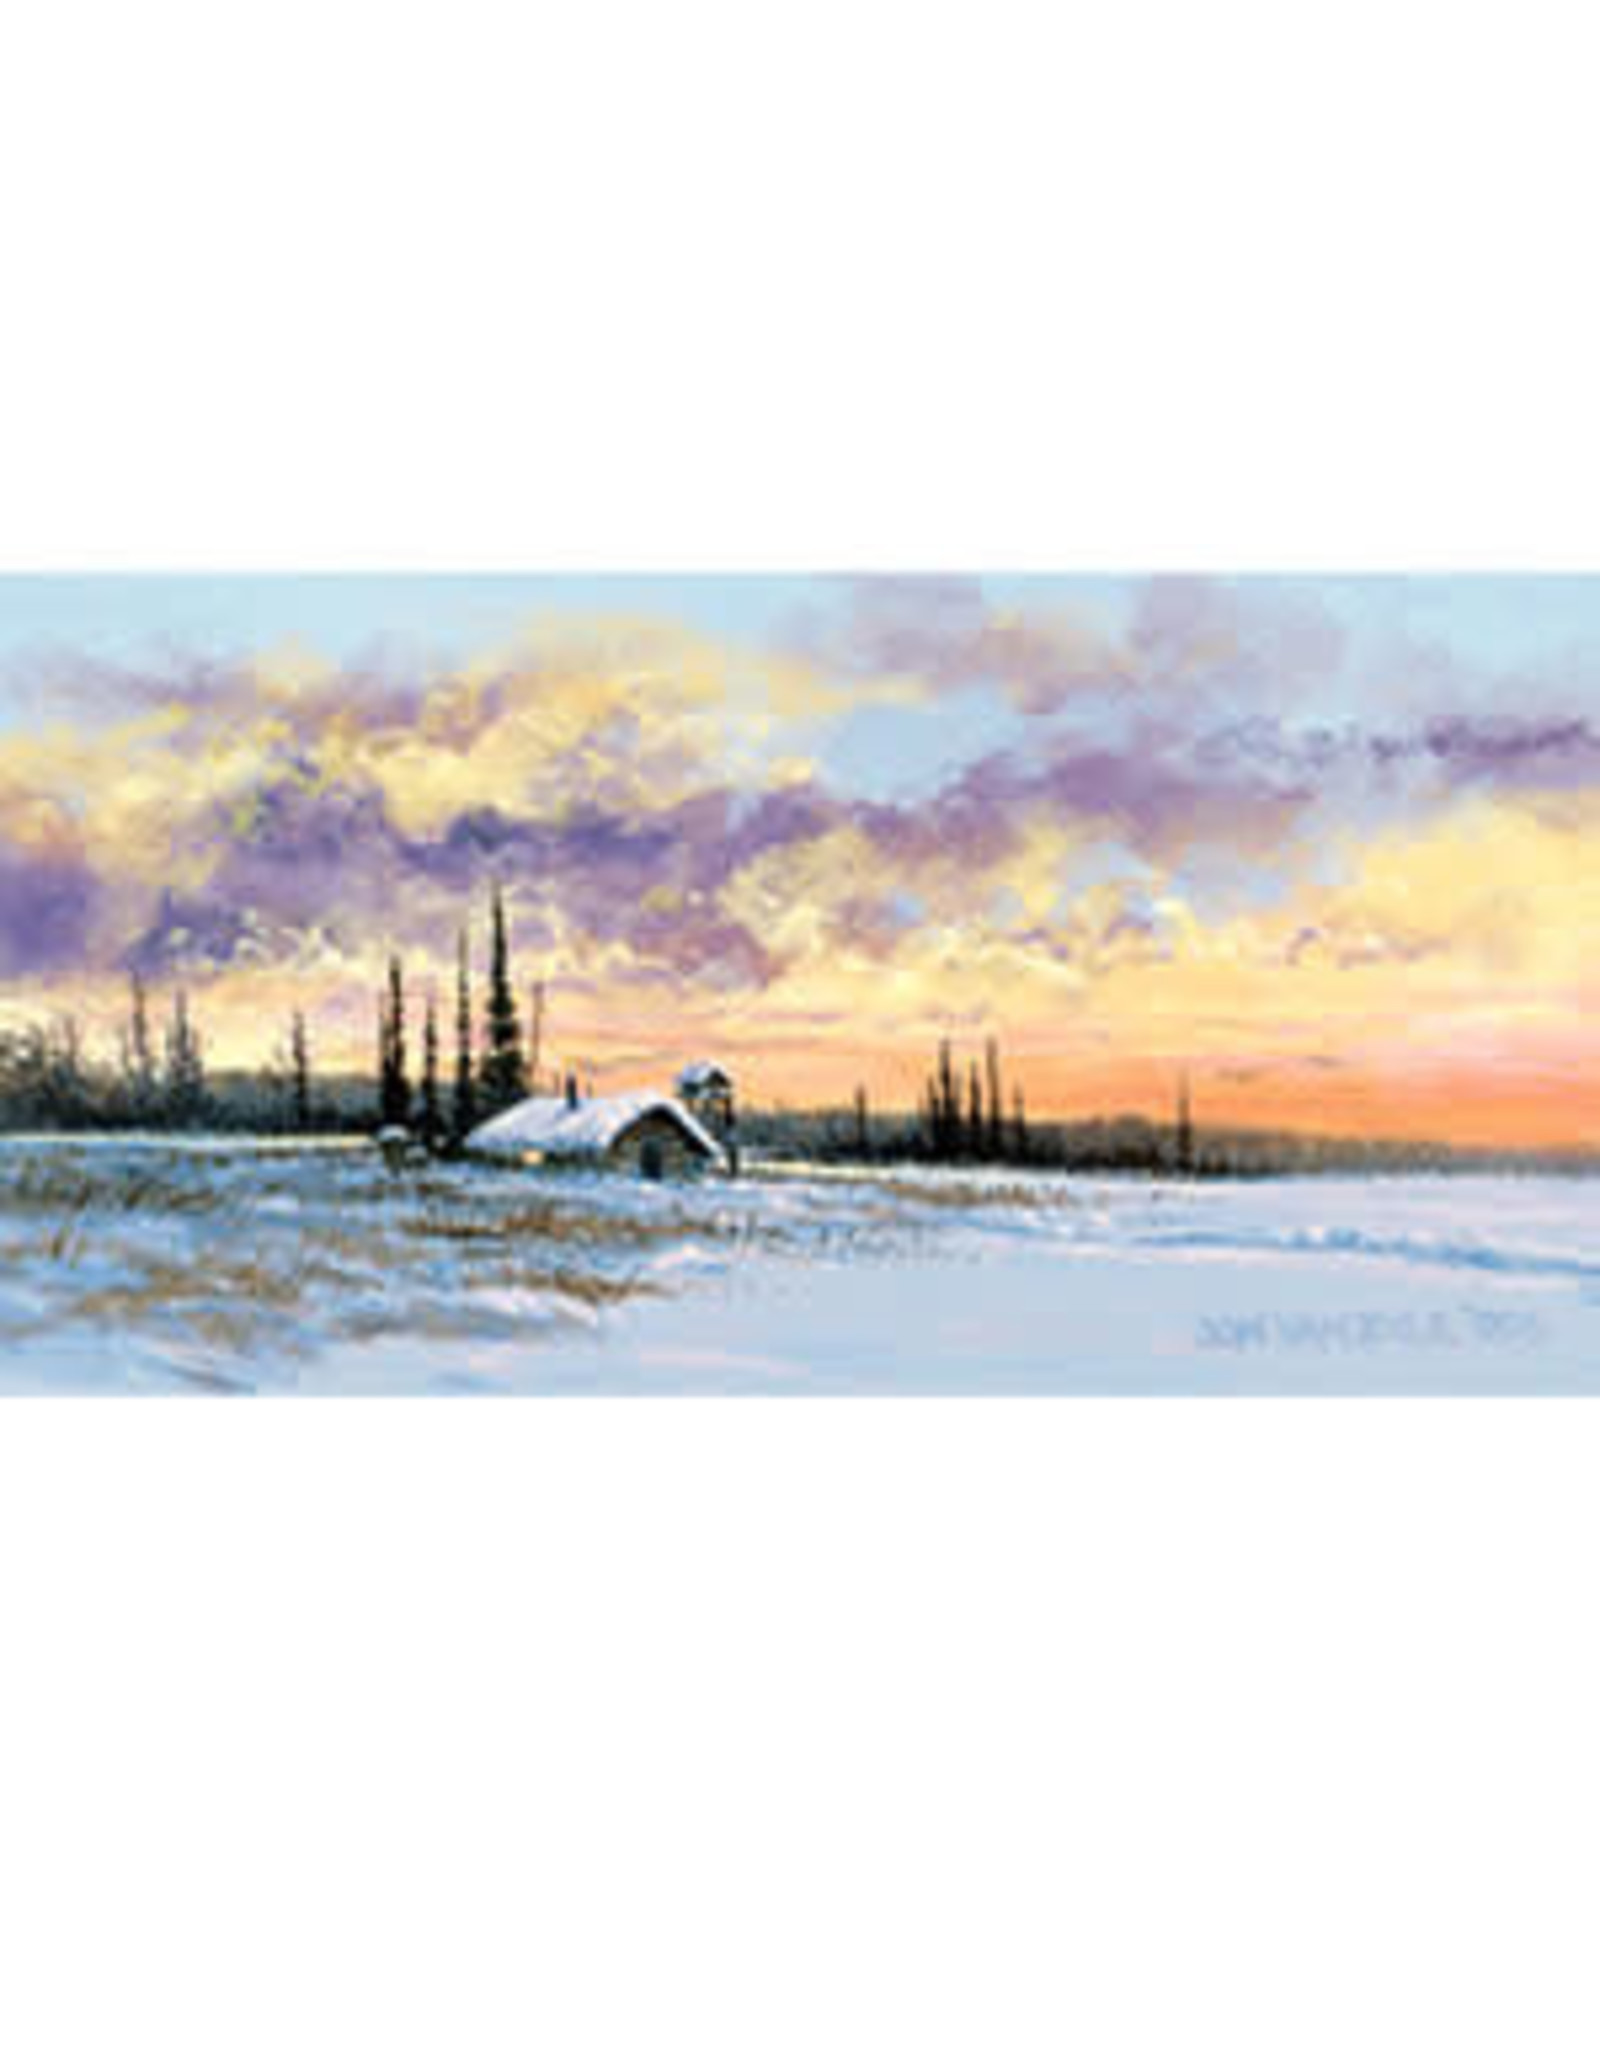 Jon Van Zyle Alaskan Sunset | Jon Van Zyle